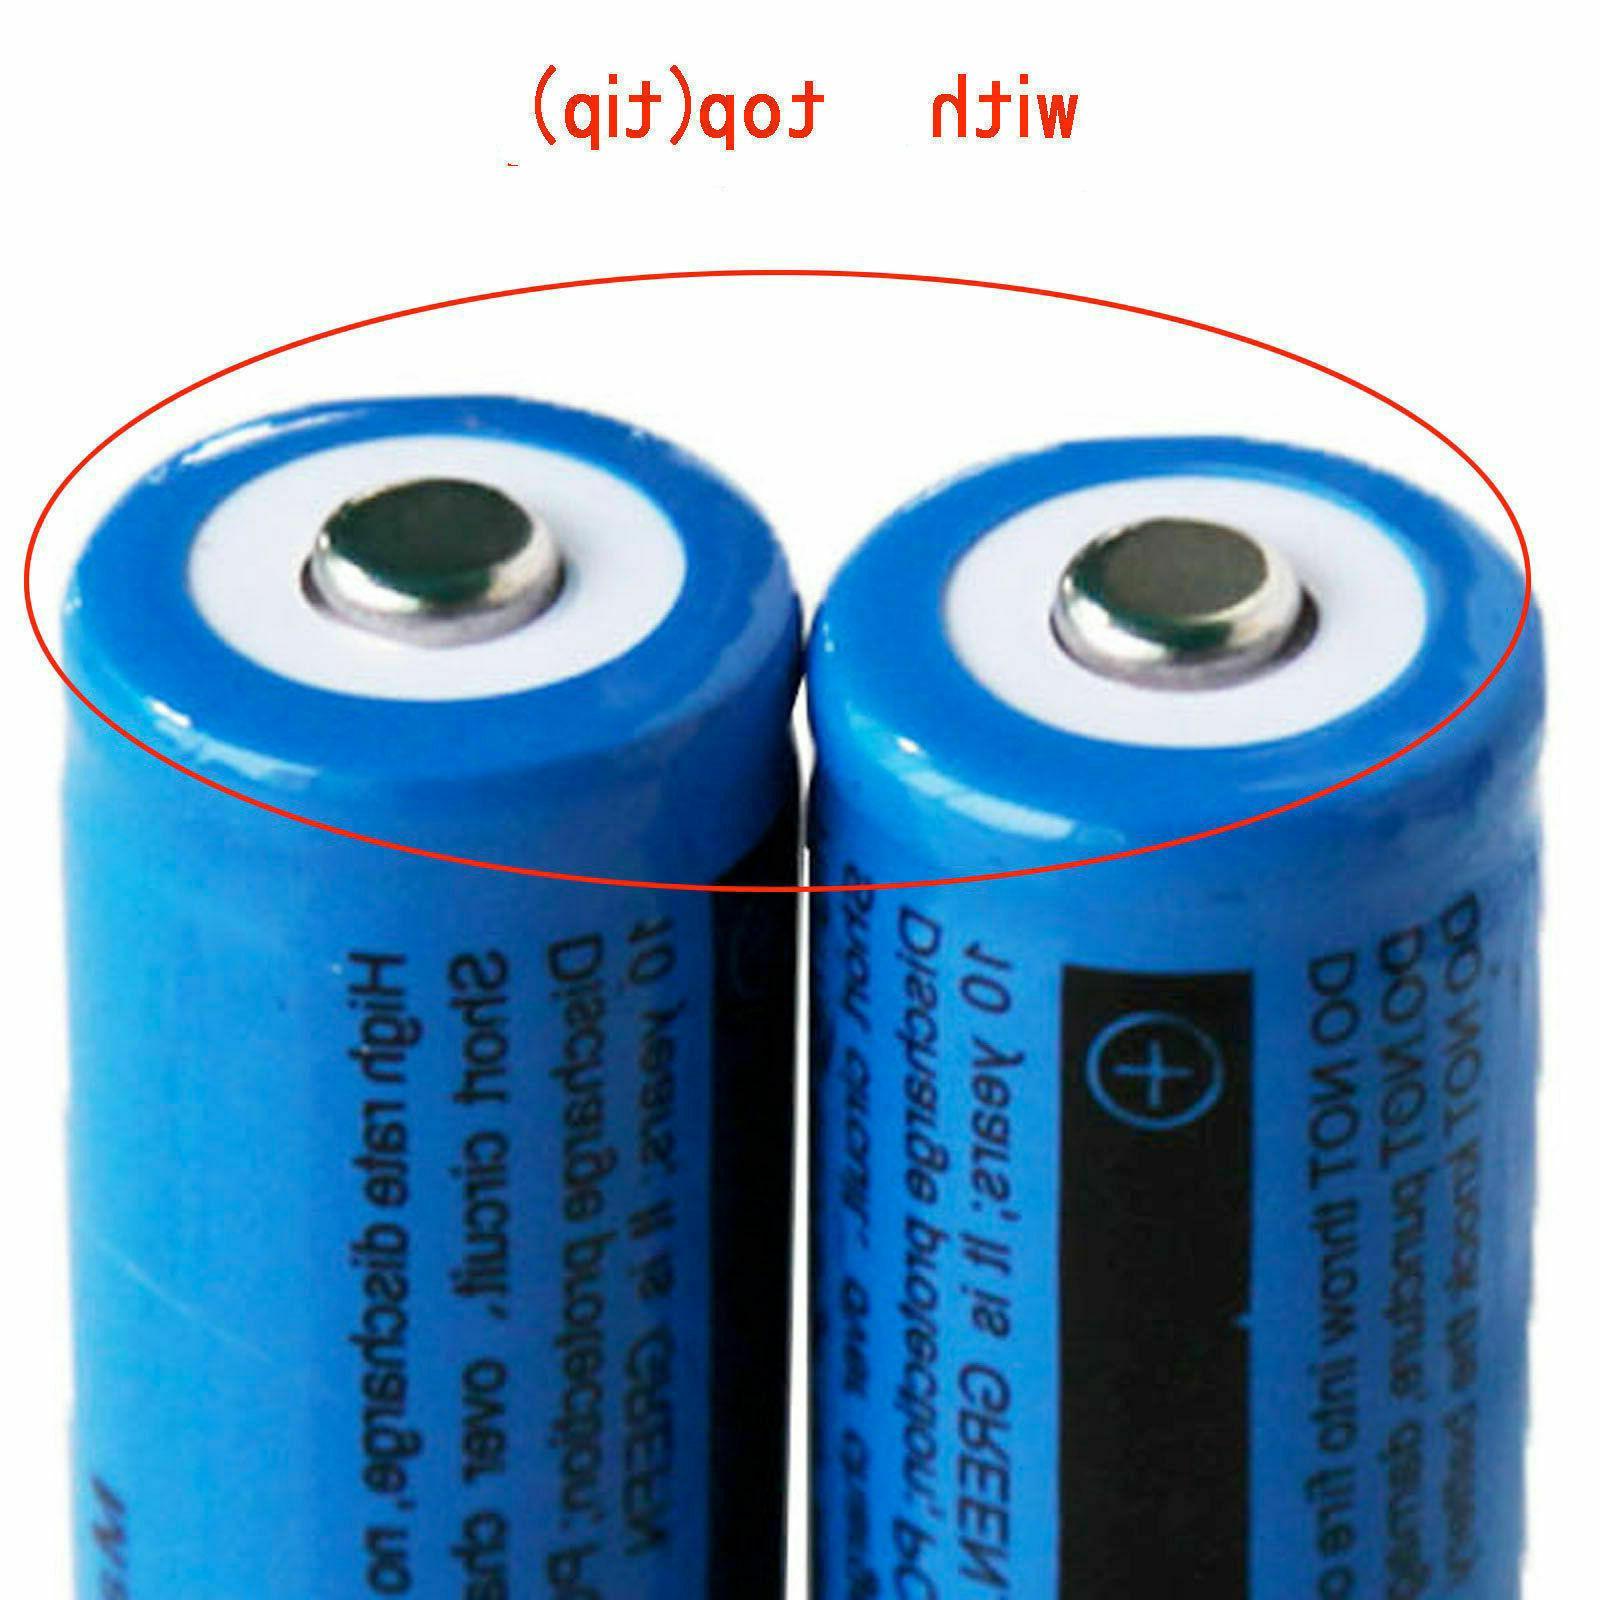 UltraFire Li-ion For LED